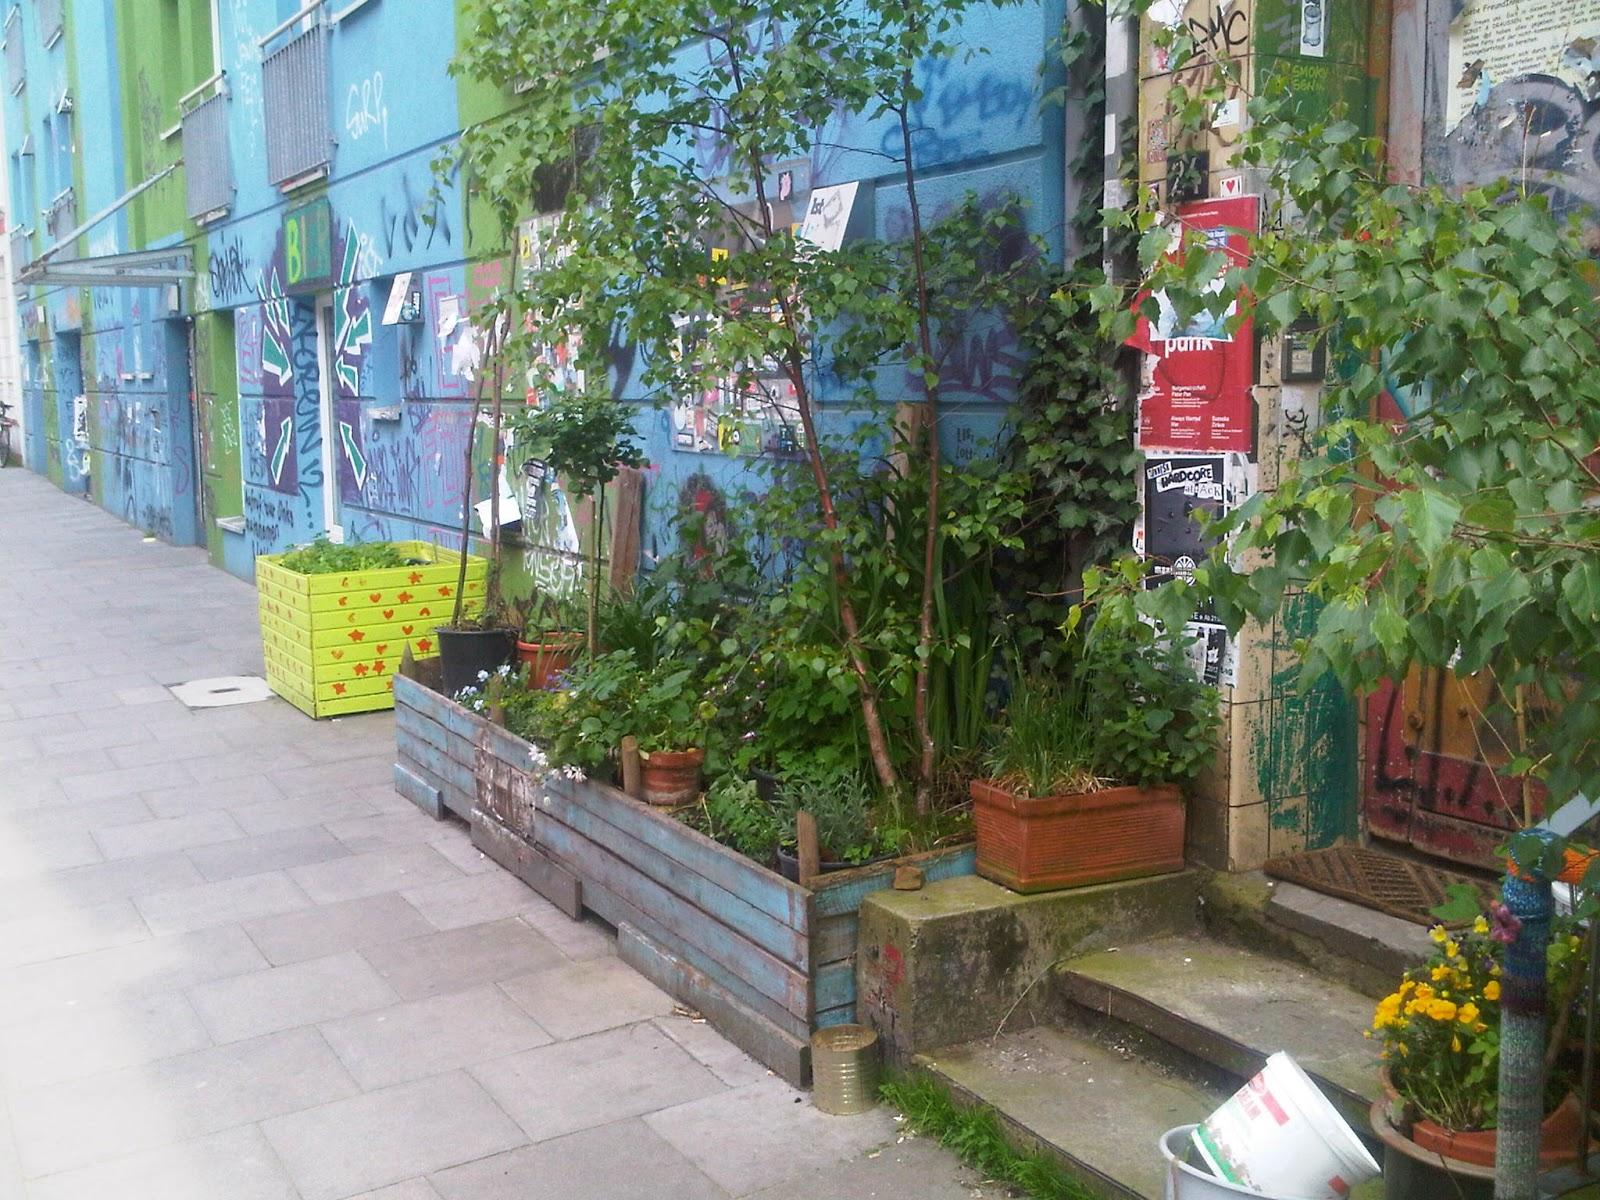 Bürgersteig mit bepflanzten Kästen Garten vor Wohngebäude. Kisten, Eimer und Wannen werden zum Garten mit Kräutern, Bäumen und auch Unkraut.